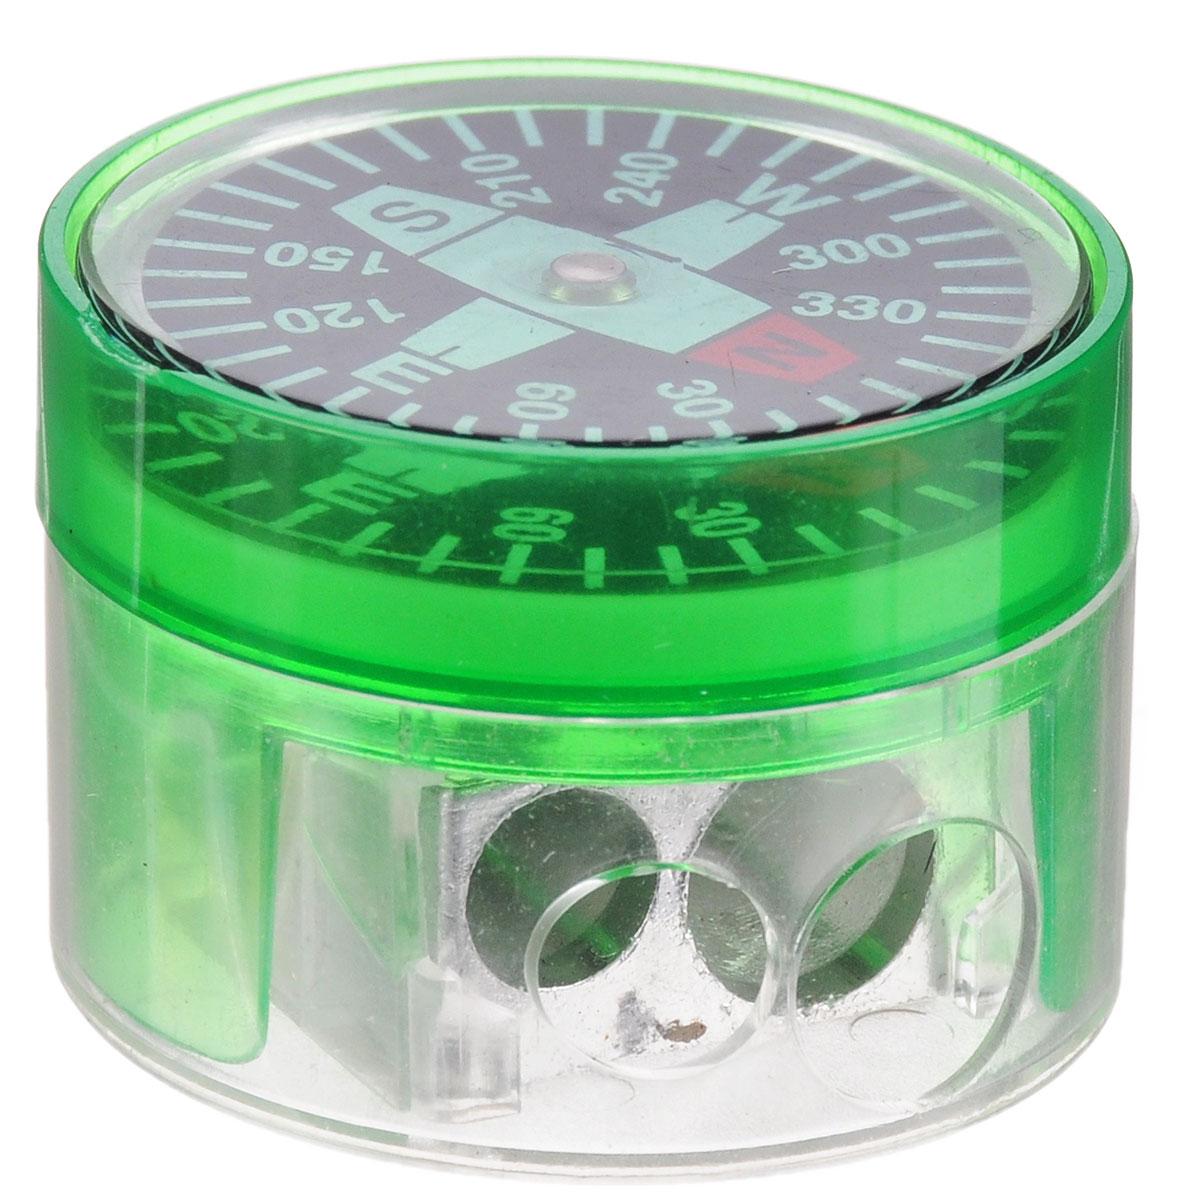 Brunnen Точилка двойная Компас цвет зеленый29836\255718\BCD_зеленыйДвойная точилка Brunnen Компас выполнена из прочного пластика. В точилке имеются два отверстия для карандашей различного диаметра. Подходит для разных видов карандашей. При повороте пластикового контейнера, отверстия закрываются. Полупрозрачный контейнер для сбора стружки позволяет визуально контролировать уровень заполнения и вовремя производить очистку. В крышку контейнера встроен небольшой компас.